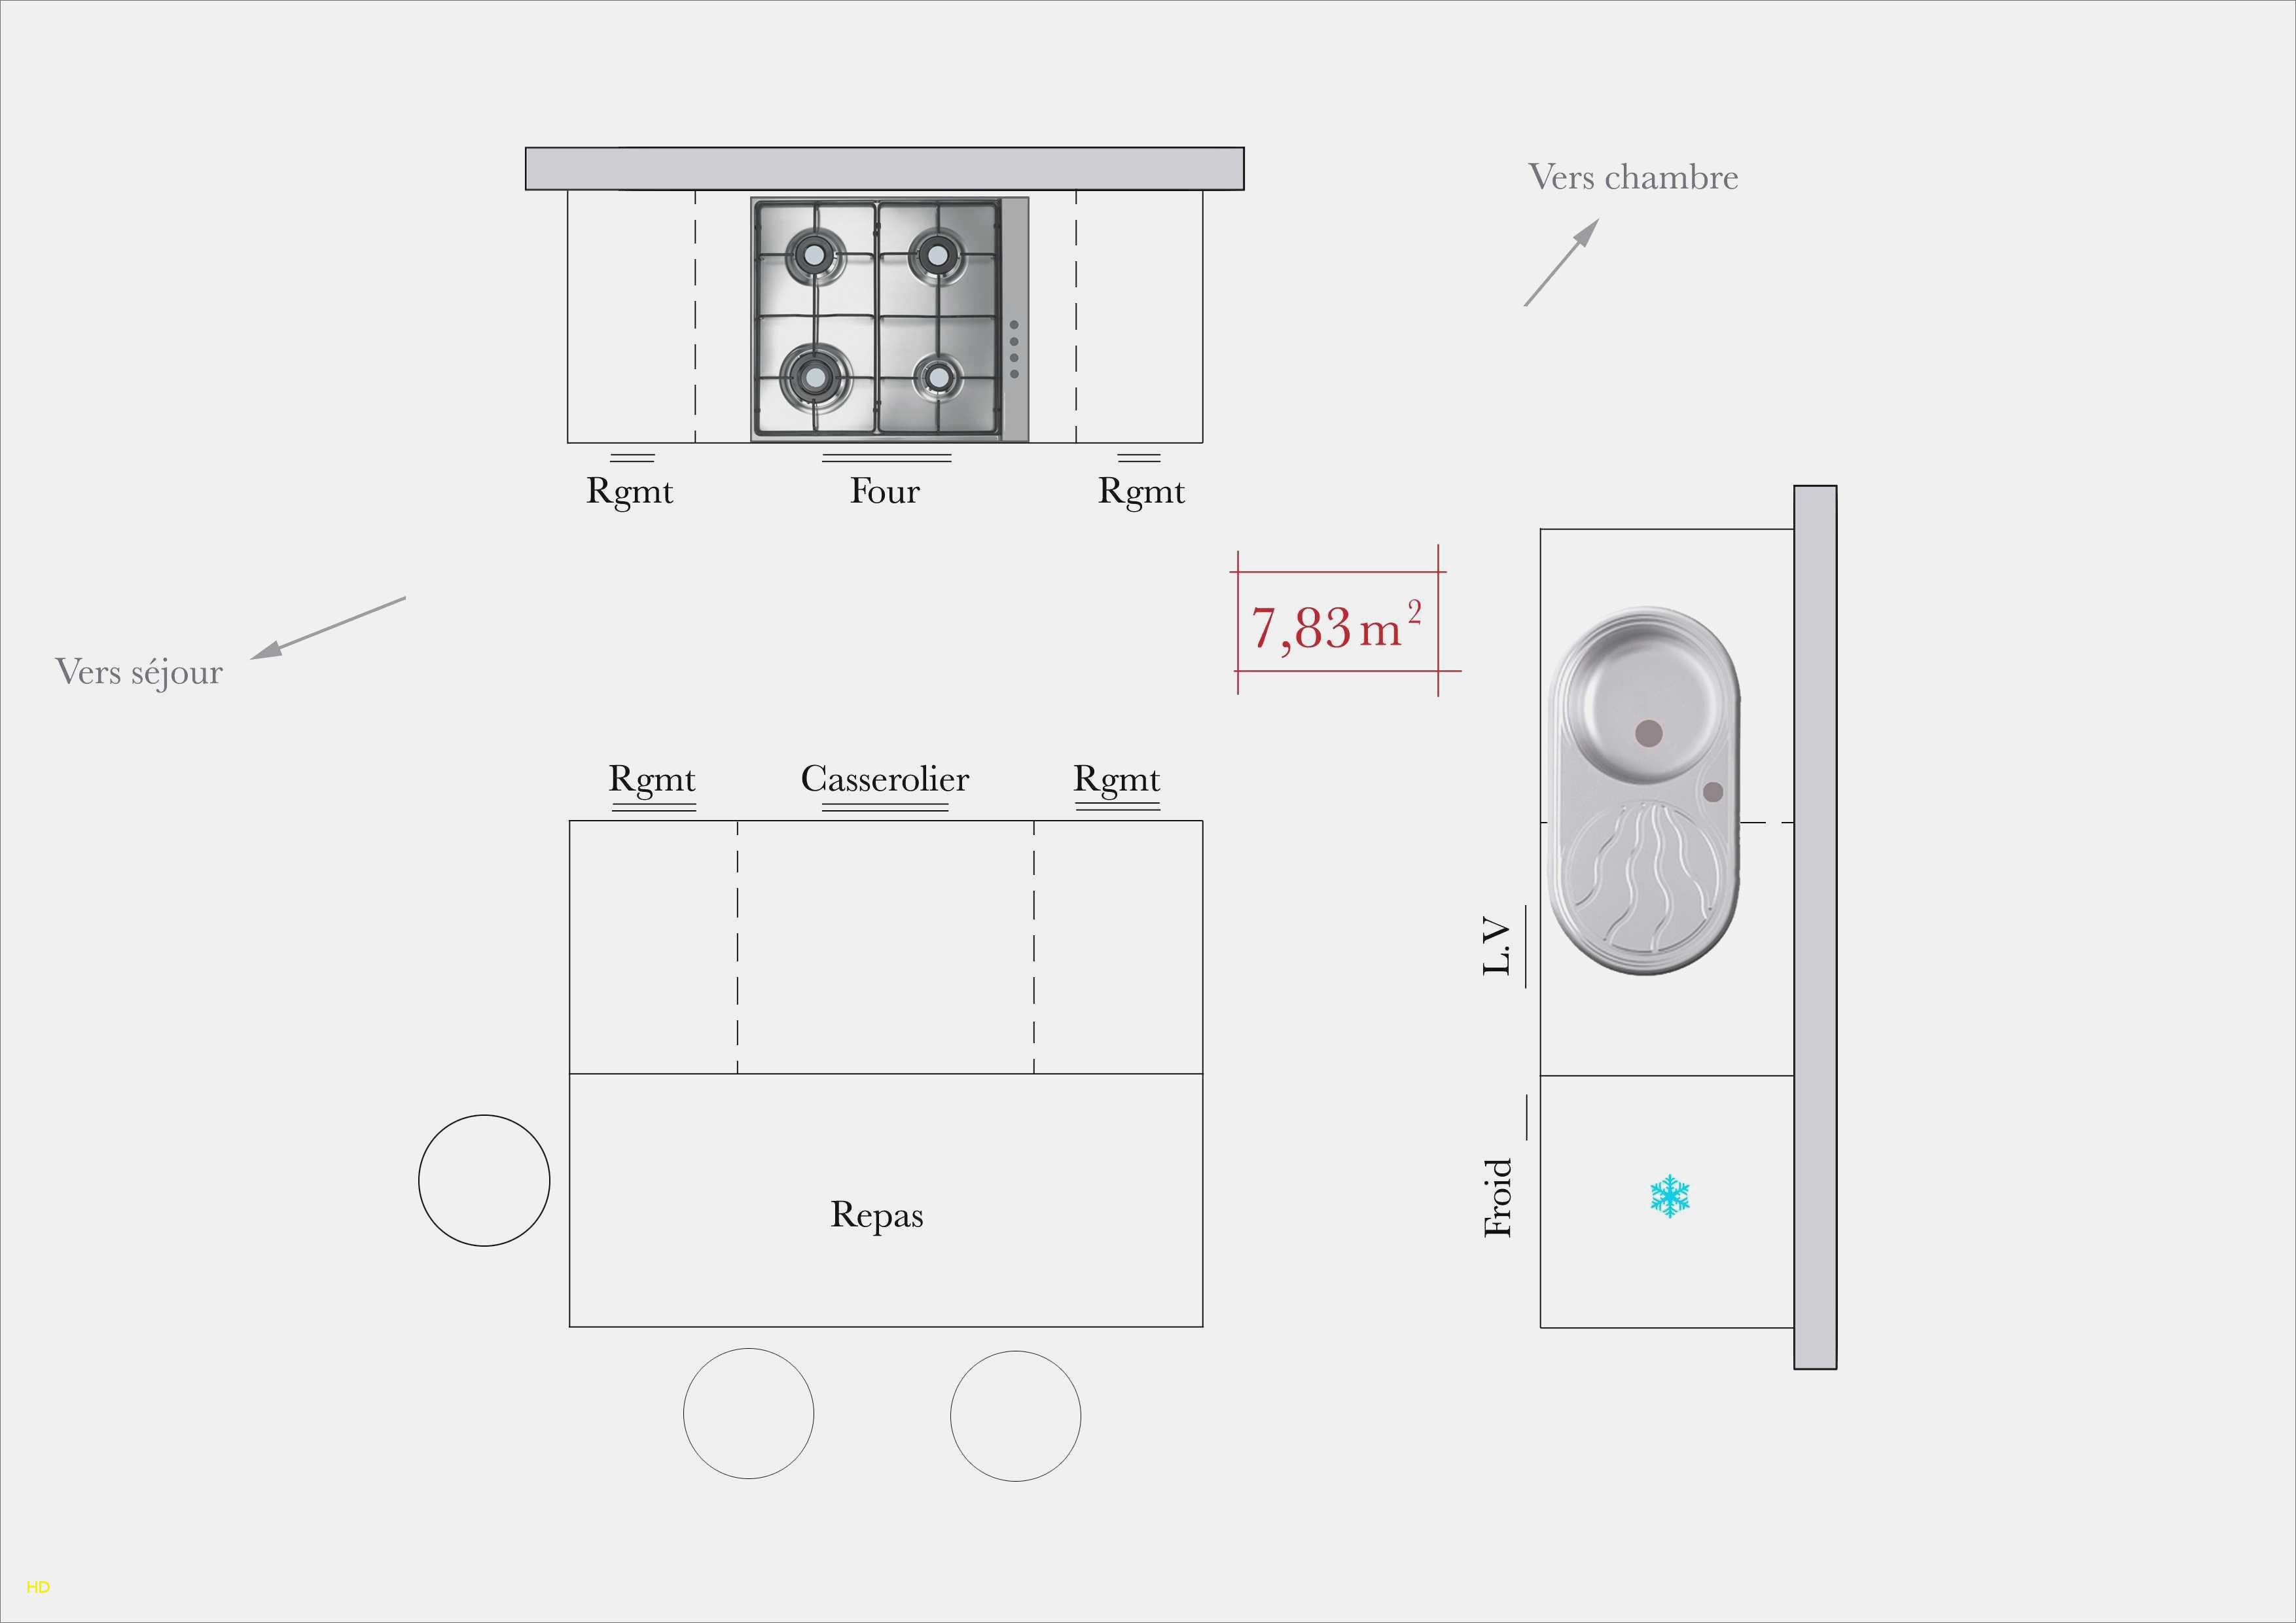 Hauteur meuble haut cuisine rapport plan travail lille - Norme hauteur plan de travail cuisine ...